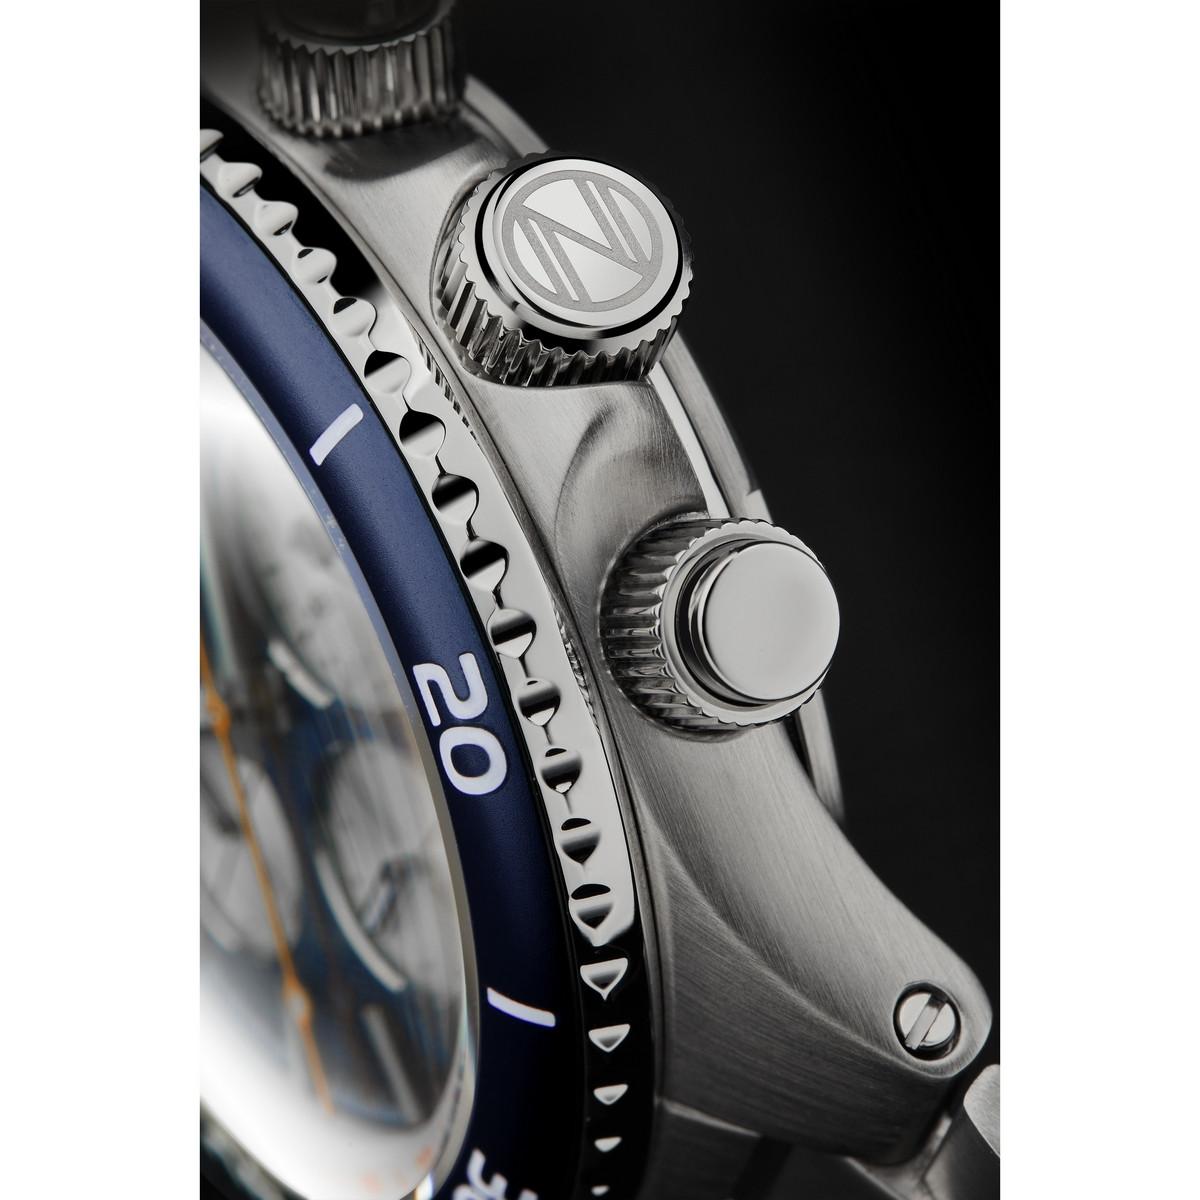 Montre Spinnaker HYDROFOIL CHRONO méca-quartz - cadran bleu